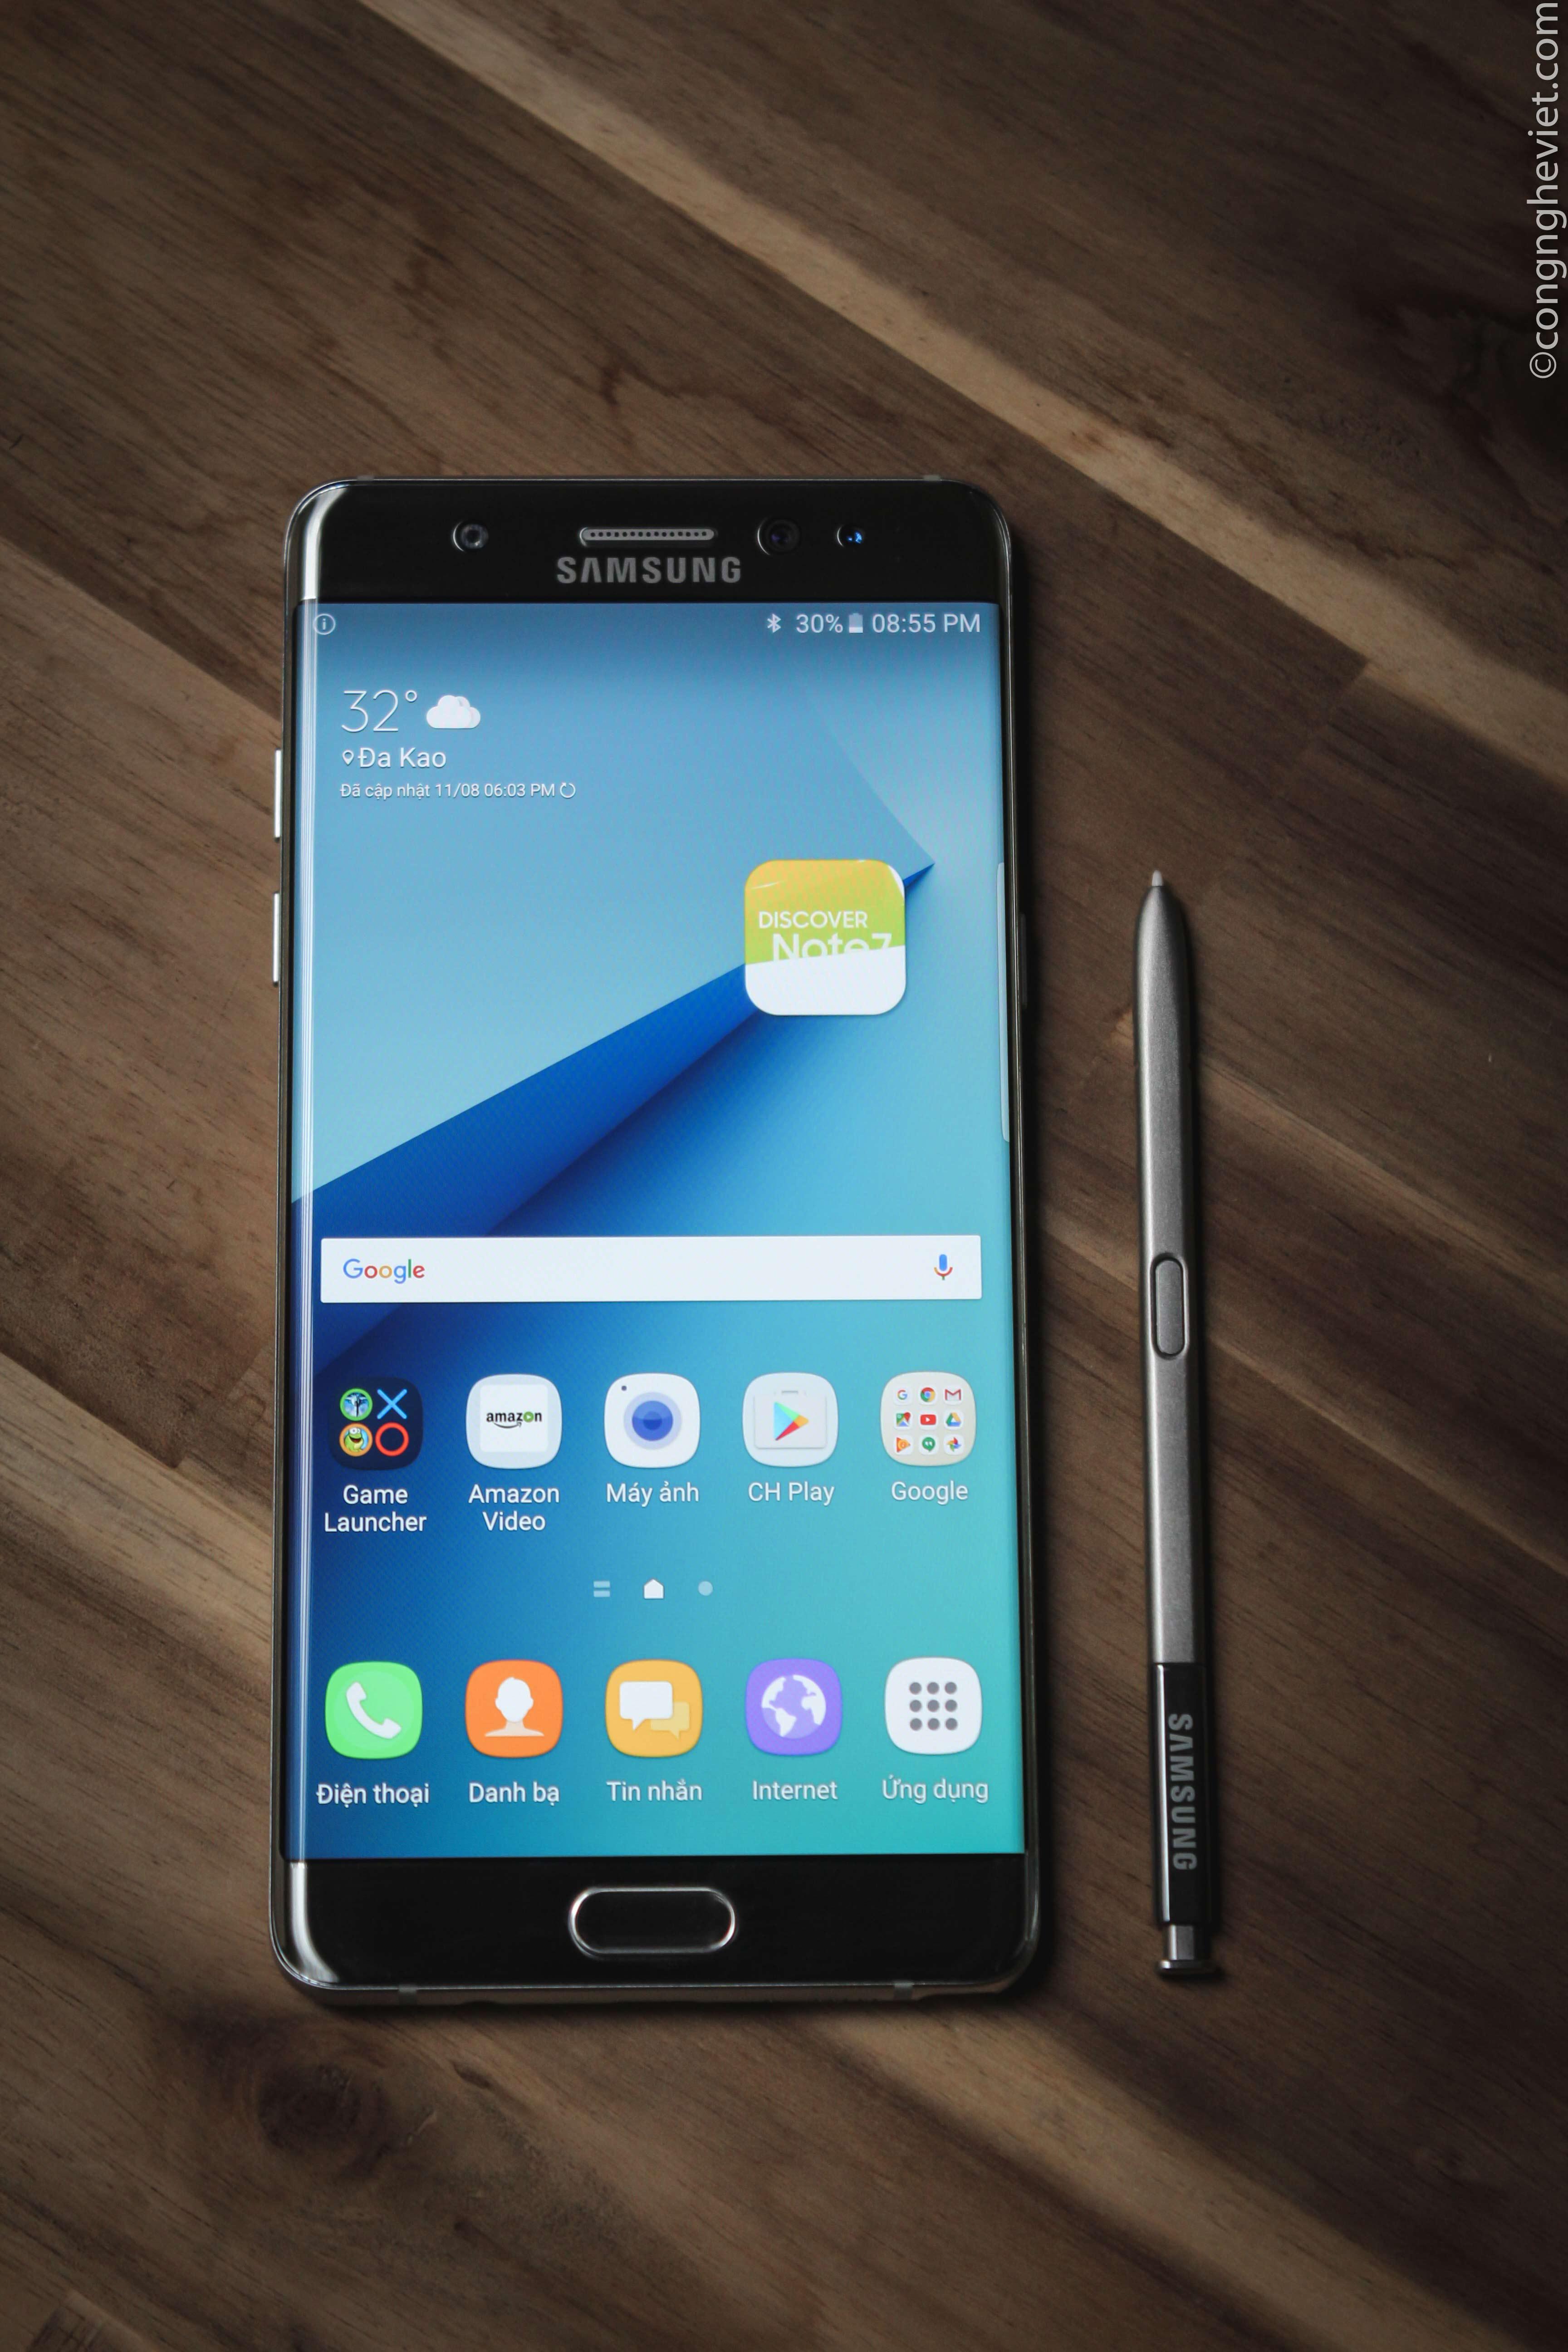 Siêu phẩm Samsung Galaxy Note 7 đang cháy hàng trên toàn cầu